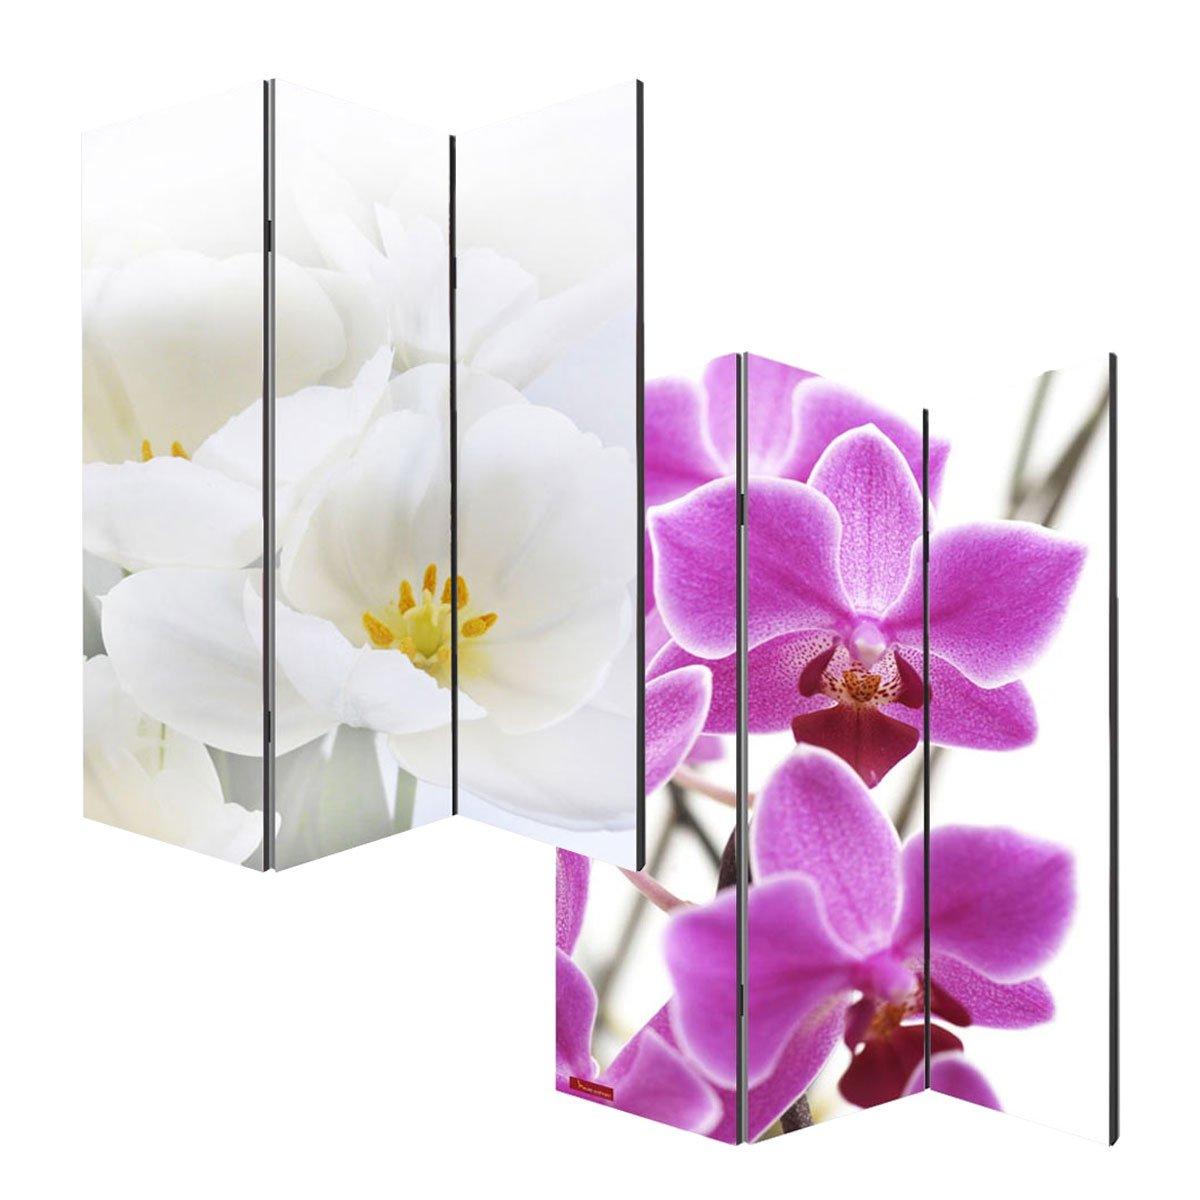 Mendler Paravento divisore doppia immagine 3 pannelli M68 180x120cm orchidee